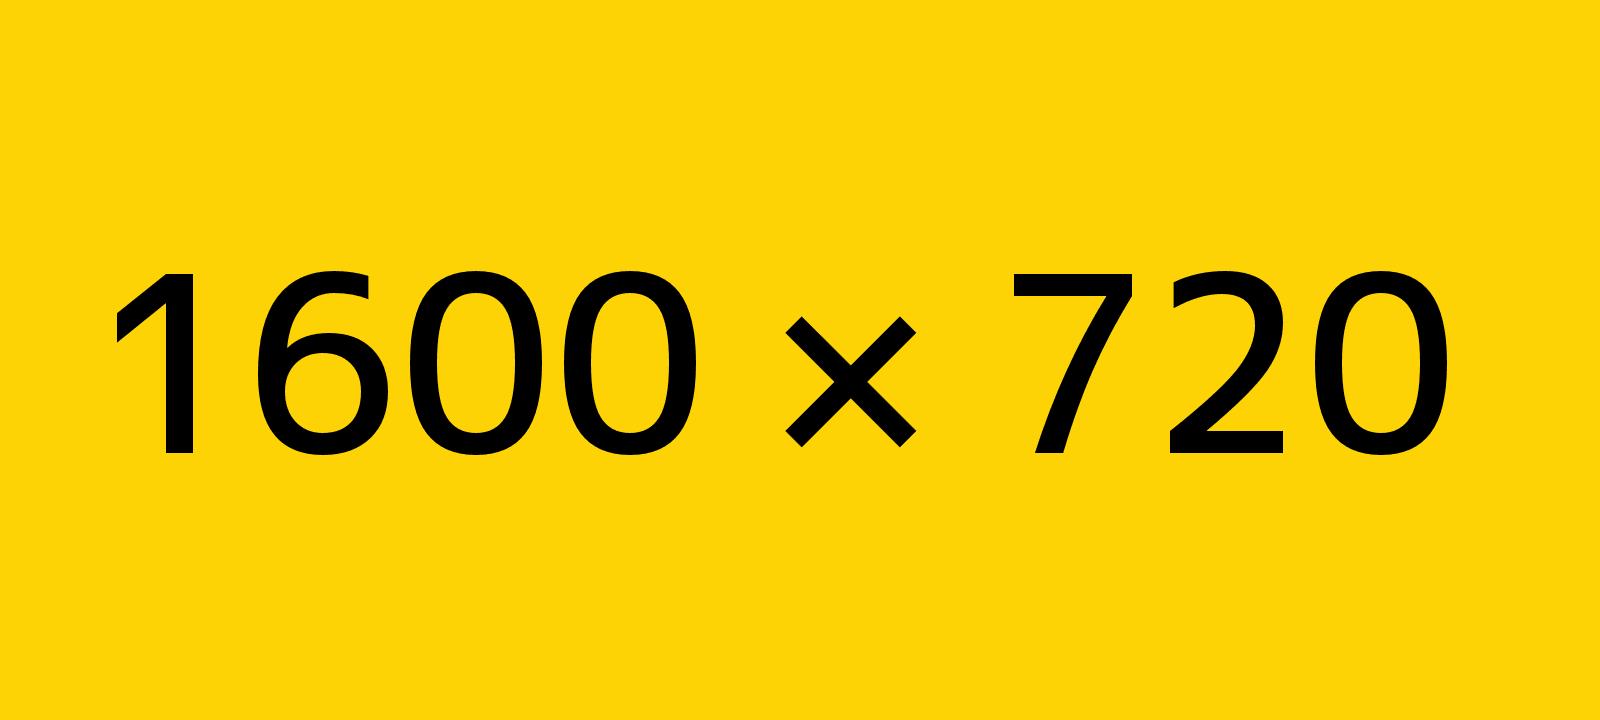 1600x720 | Uniandes